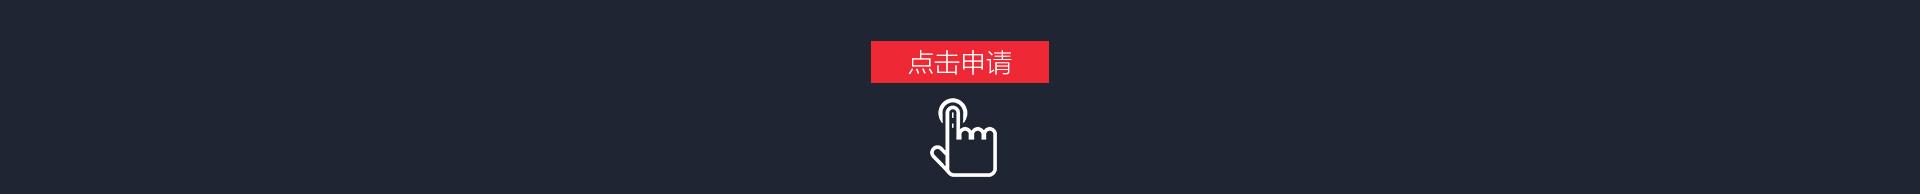 https://pic.kuajing.com/shop/article/06017287327724596.jpg